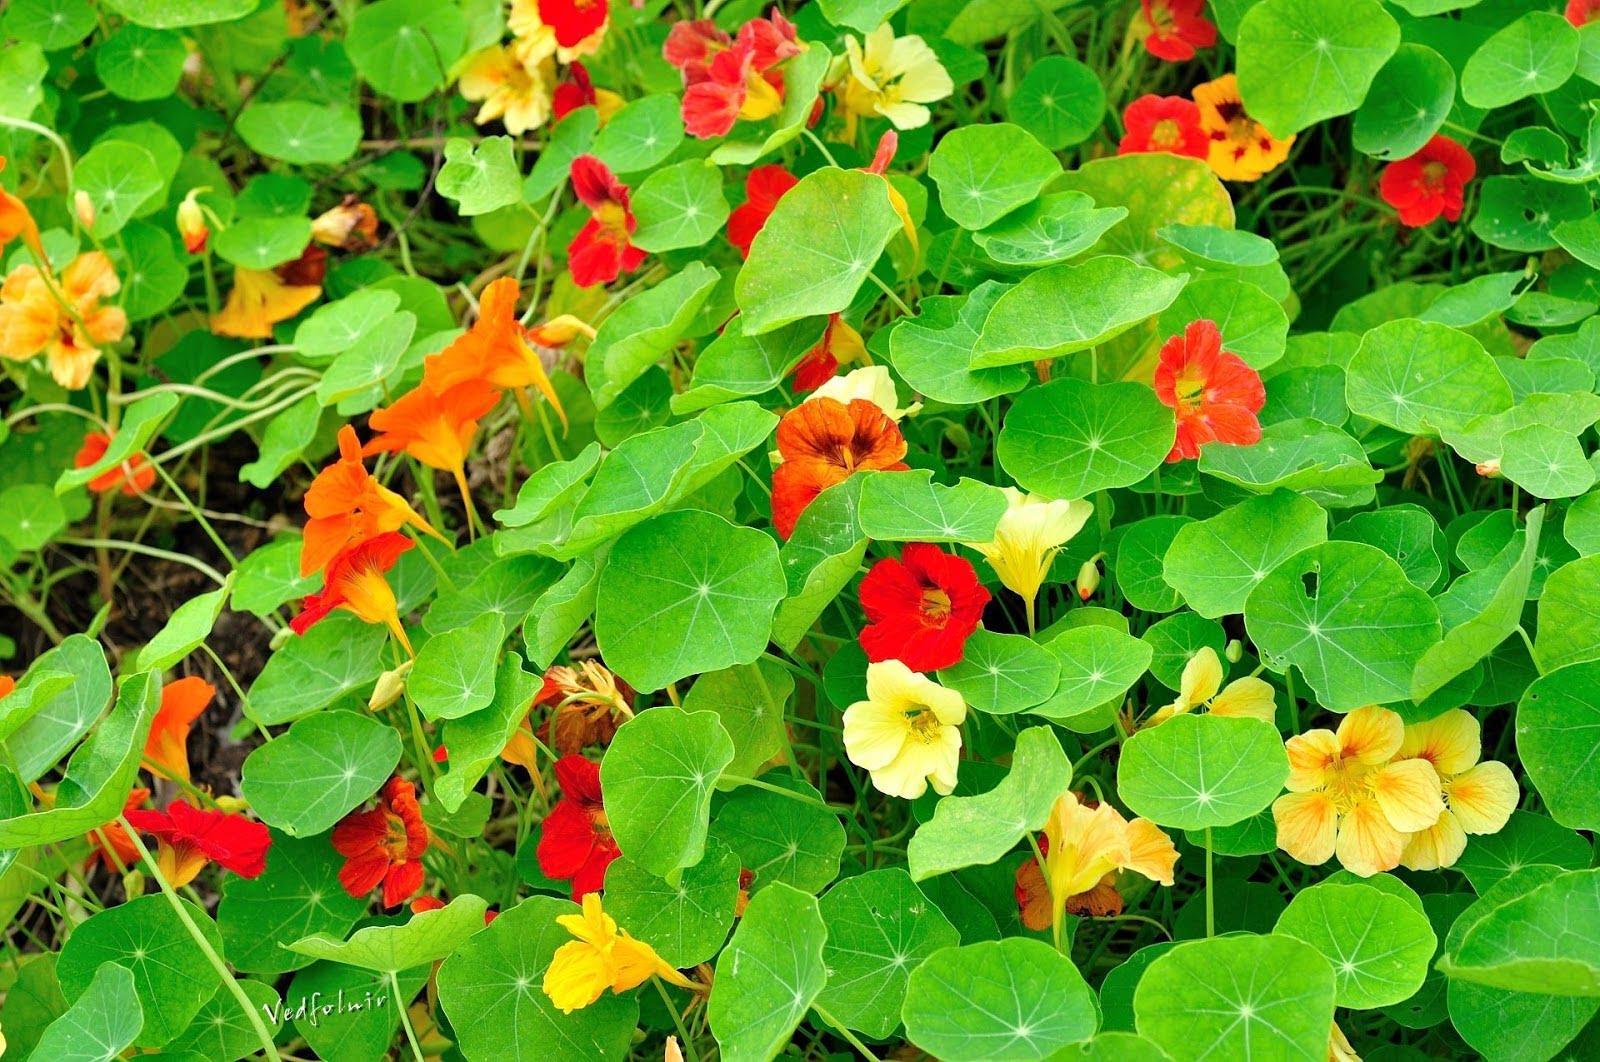 紅花、黃花和綠葉|臺北國際花卉博覽會|20110412